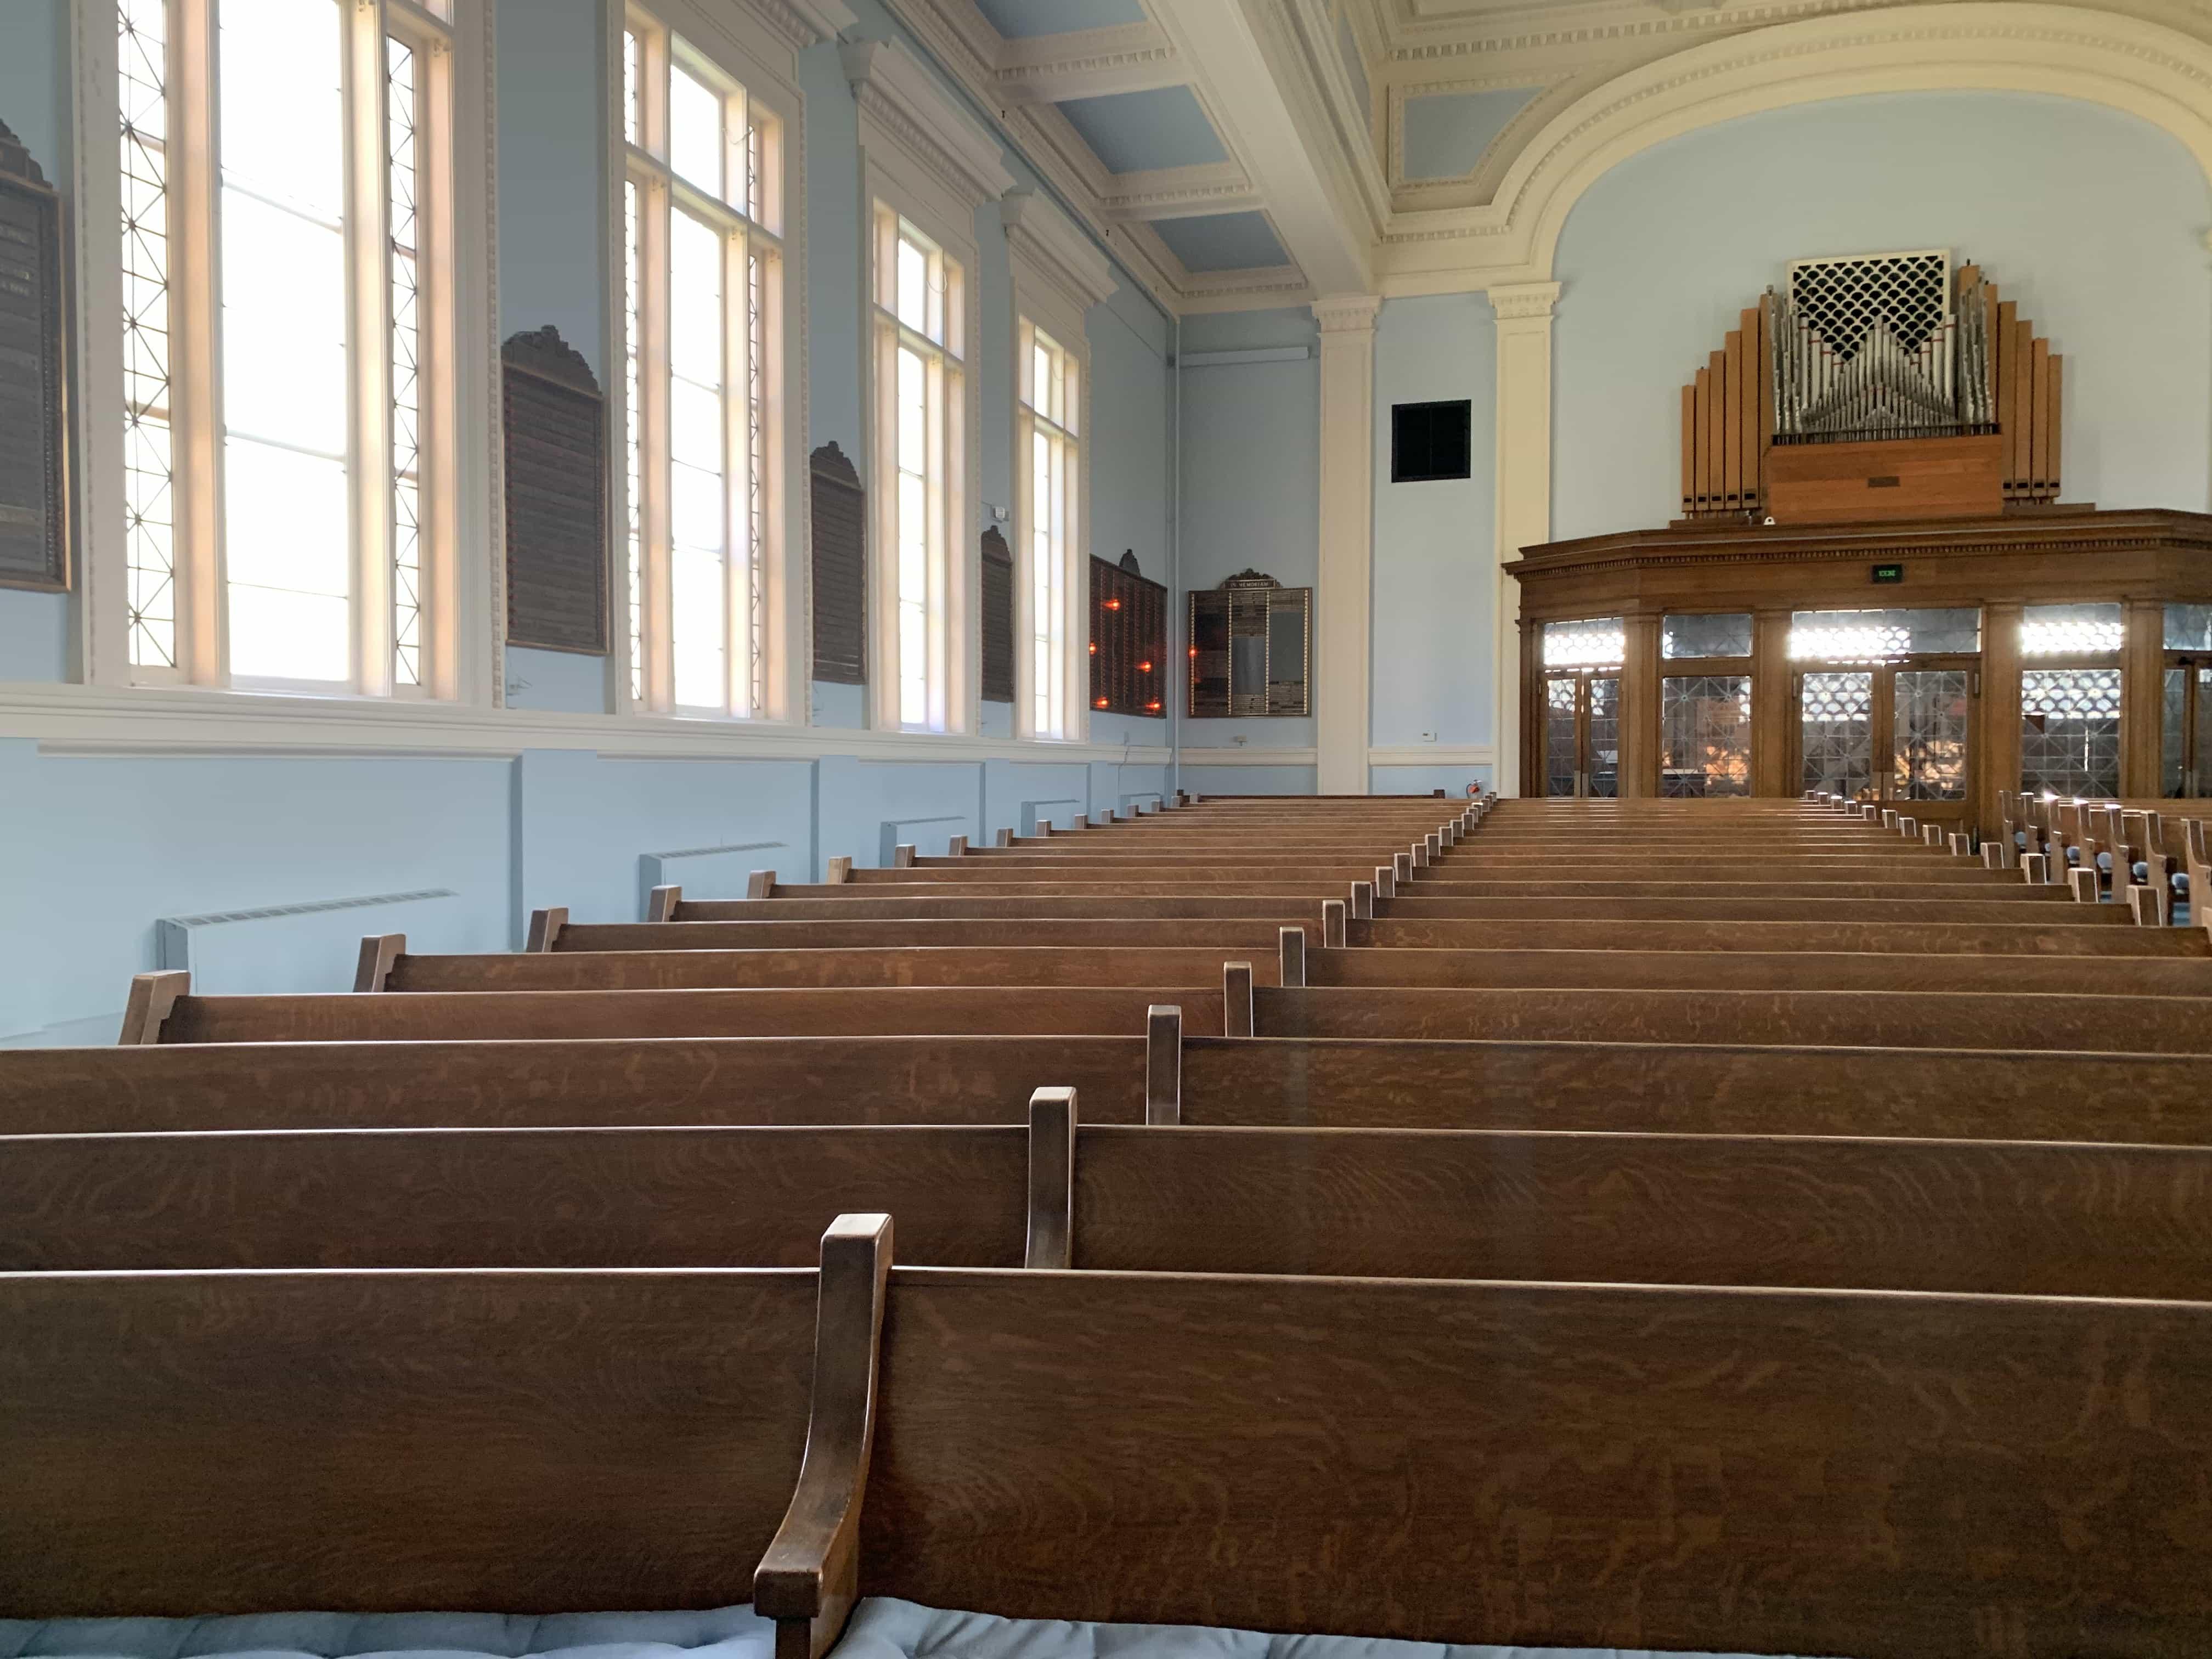 Temple Concord interior